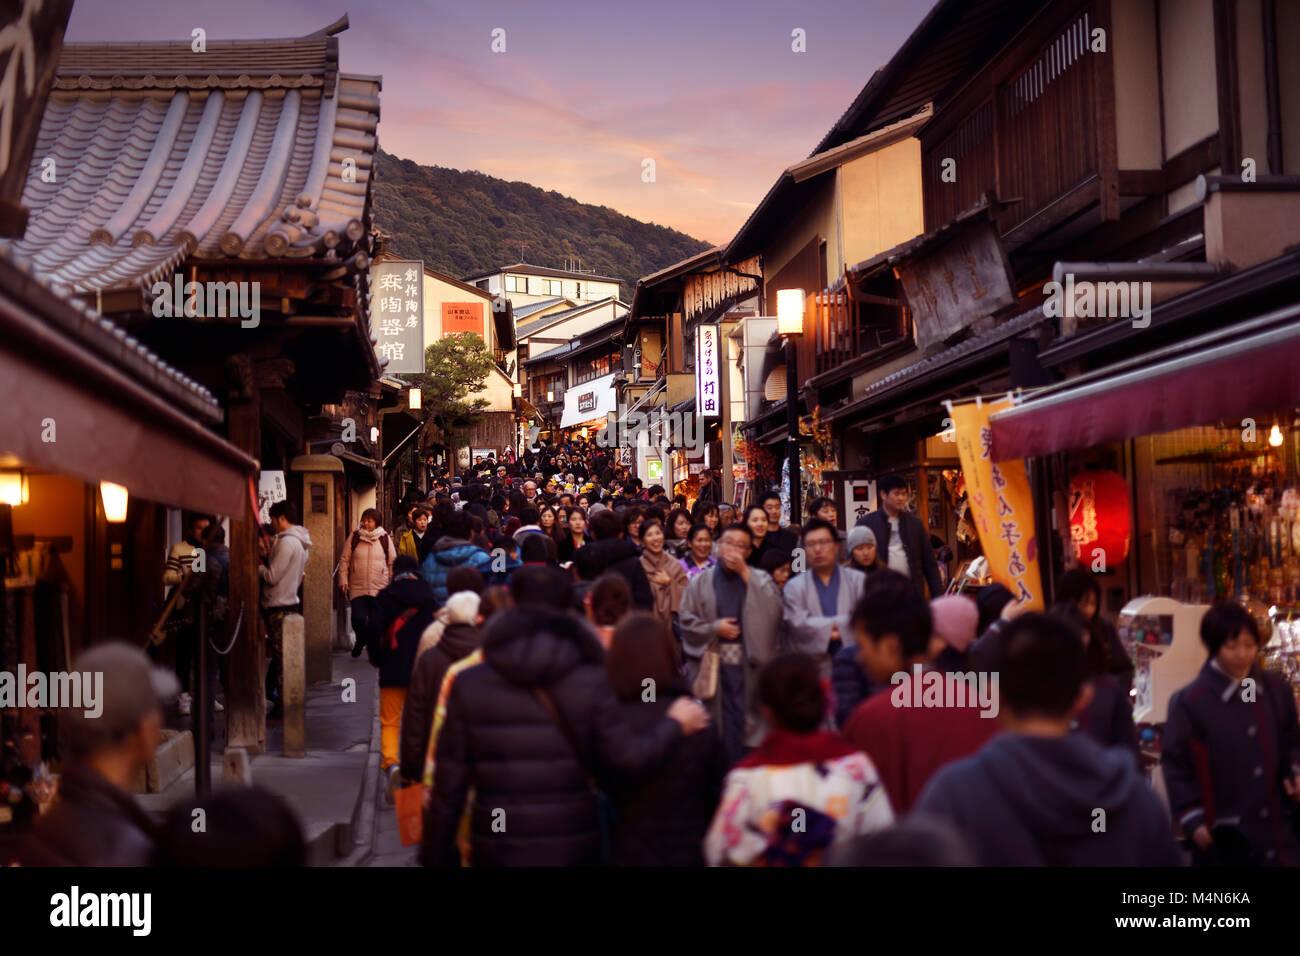 Abarrotado de Gente, Matsubara dori calle llena de tiendas de recuerdos y restaurantes, cerca del templo Kiyomizu Imagen De Stock